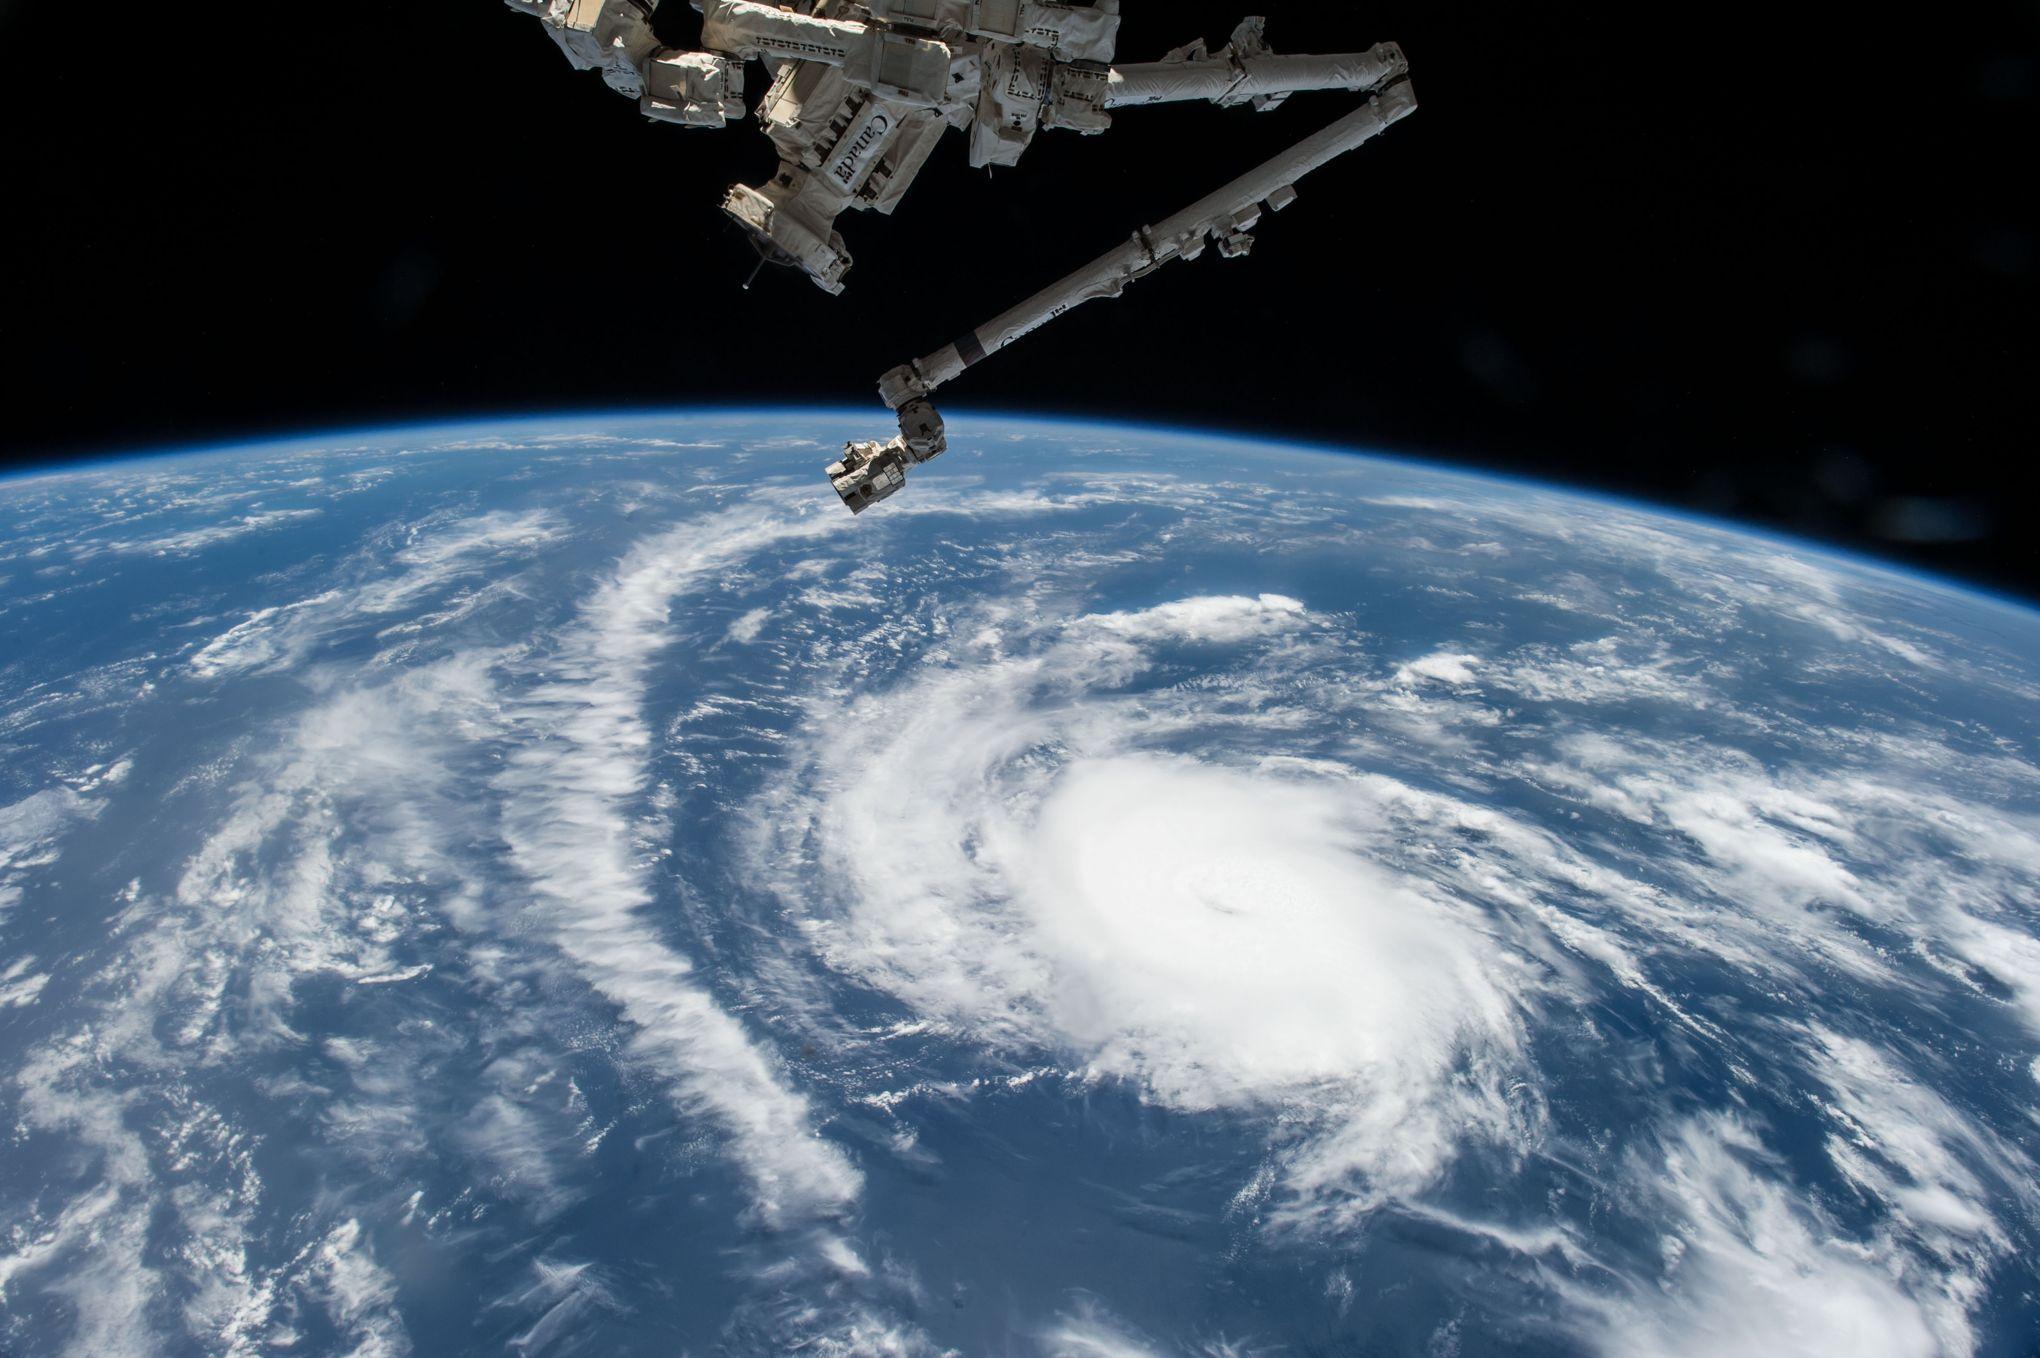 L'astronaute Scott Kelly a annoncé samedi dernier sur Twitter la bonne nouvelle: une zinnia a fleuri dans la Station spatiale internationale. C'est la première fois qu'une fleur plantée par un humain voit le jour dans l'espace.